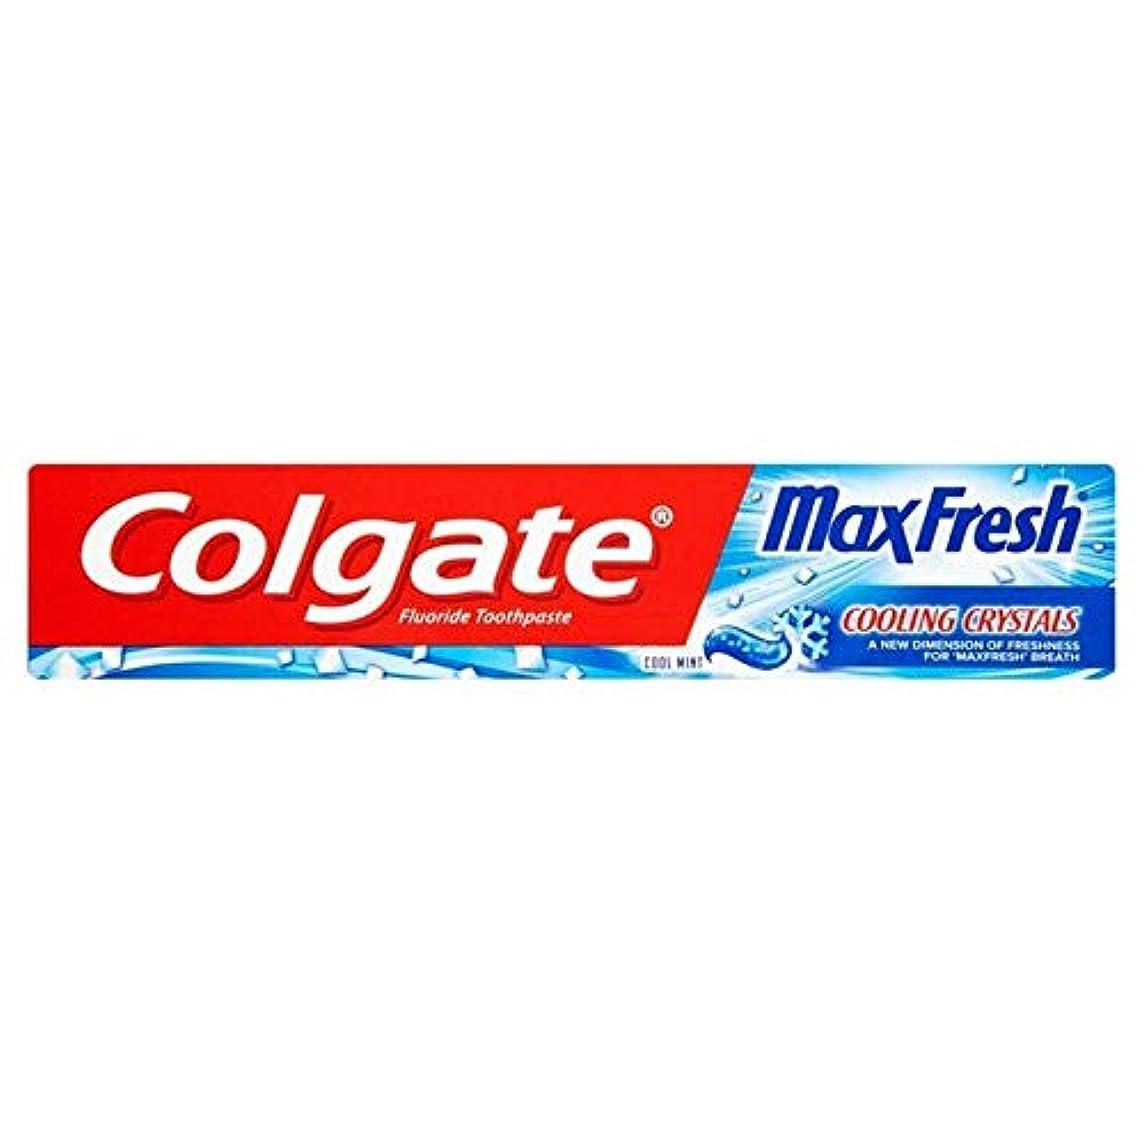 彼女自身発症ナイロン[Colgate ] 冷却結晶歯磨き粉75ミリリットル新鮮なコルゲートマックス - Colgate Max Fresh with Cooling Crystals Toothpaste 75ml [並行輸入品]